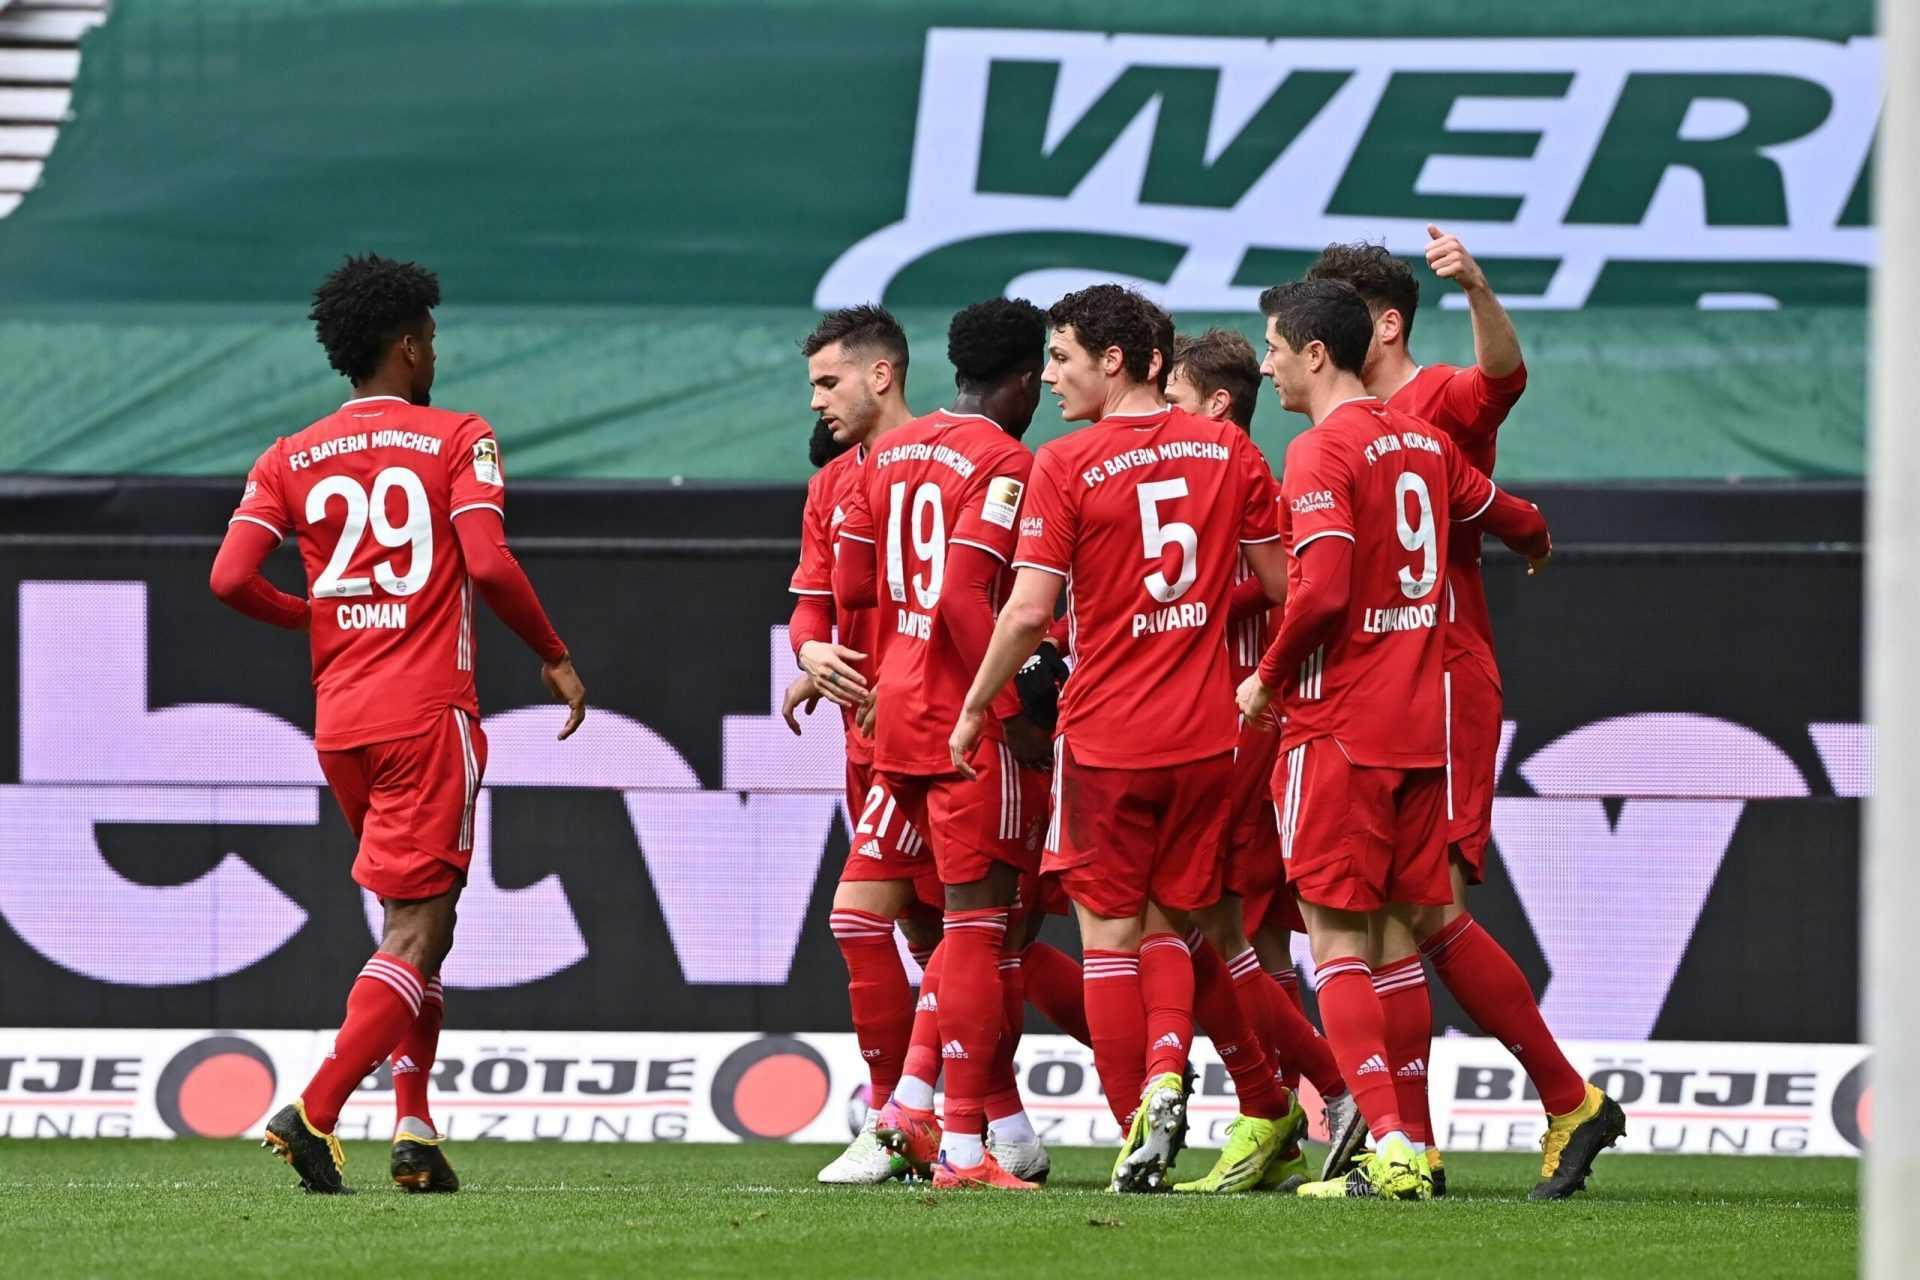 Le pagelle di Bayern Monaco-PSG (2-3): vittoria del Paris